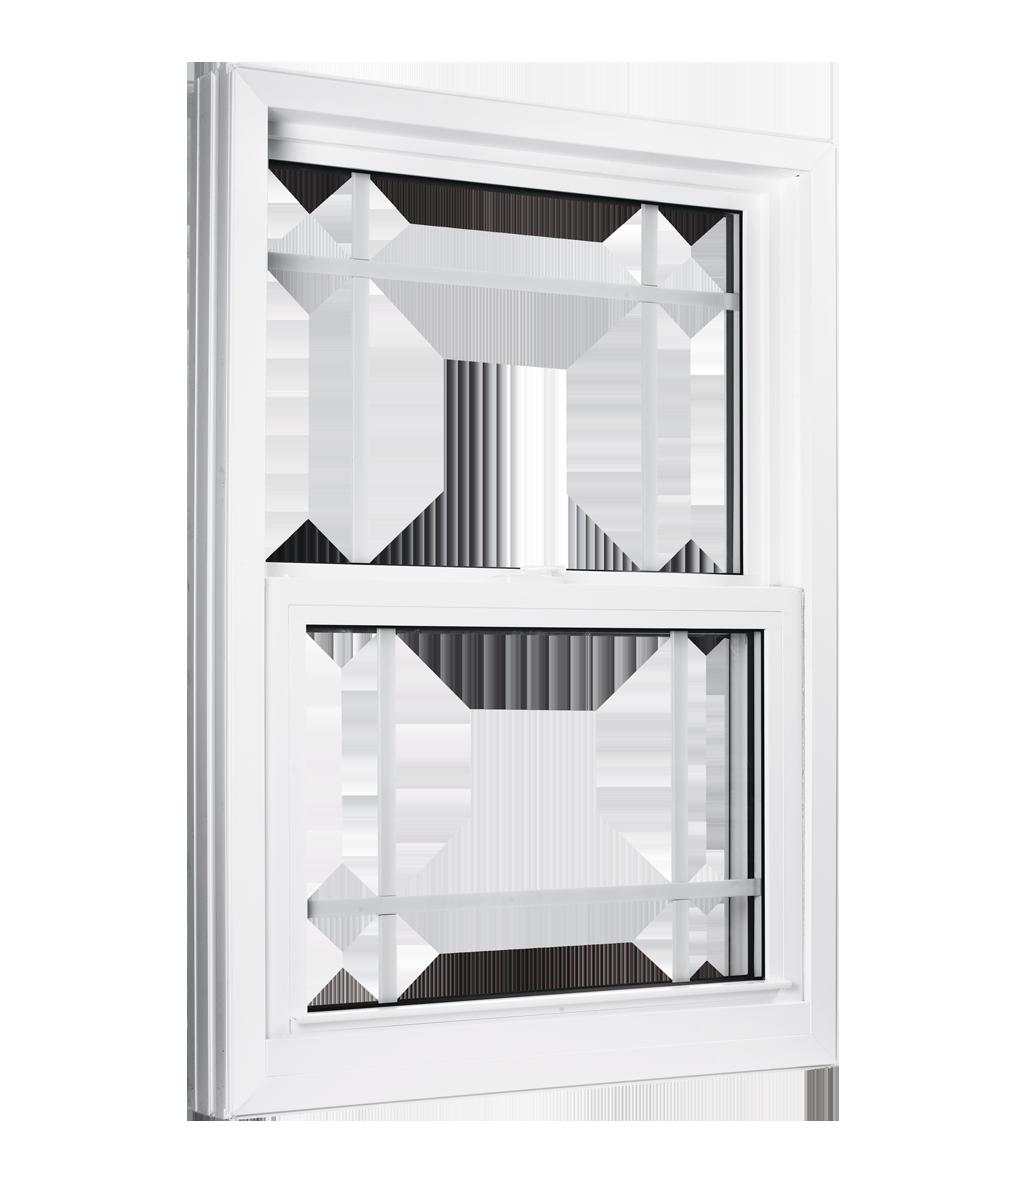 Single Hung Doors : Single hung kv custom windows doors